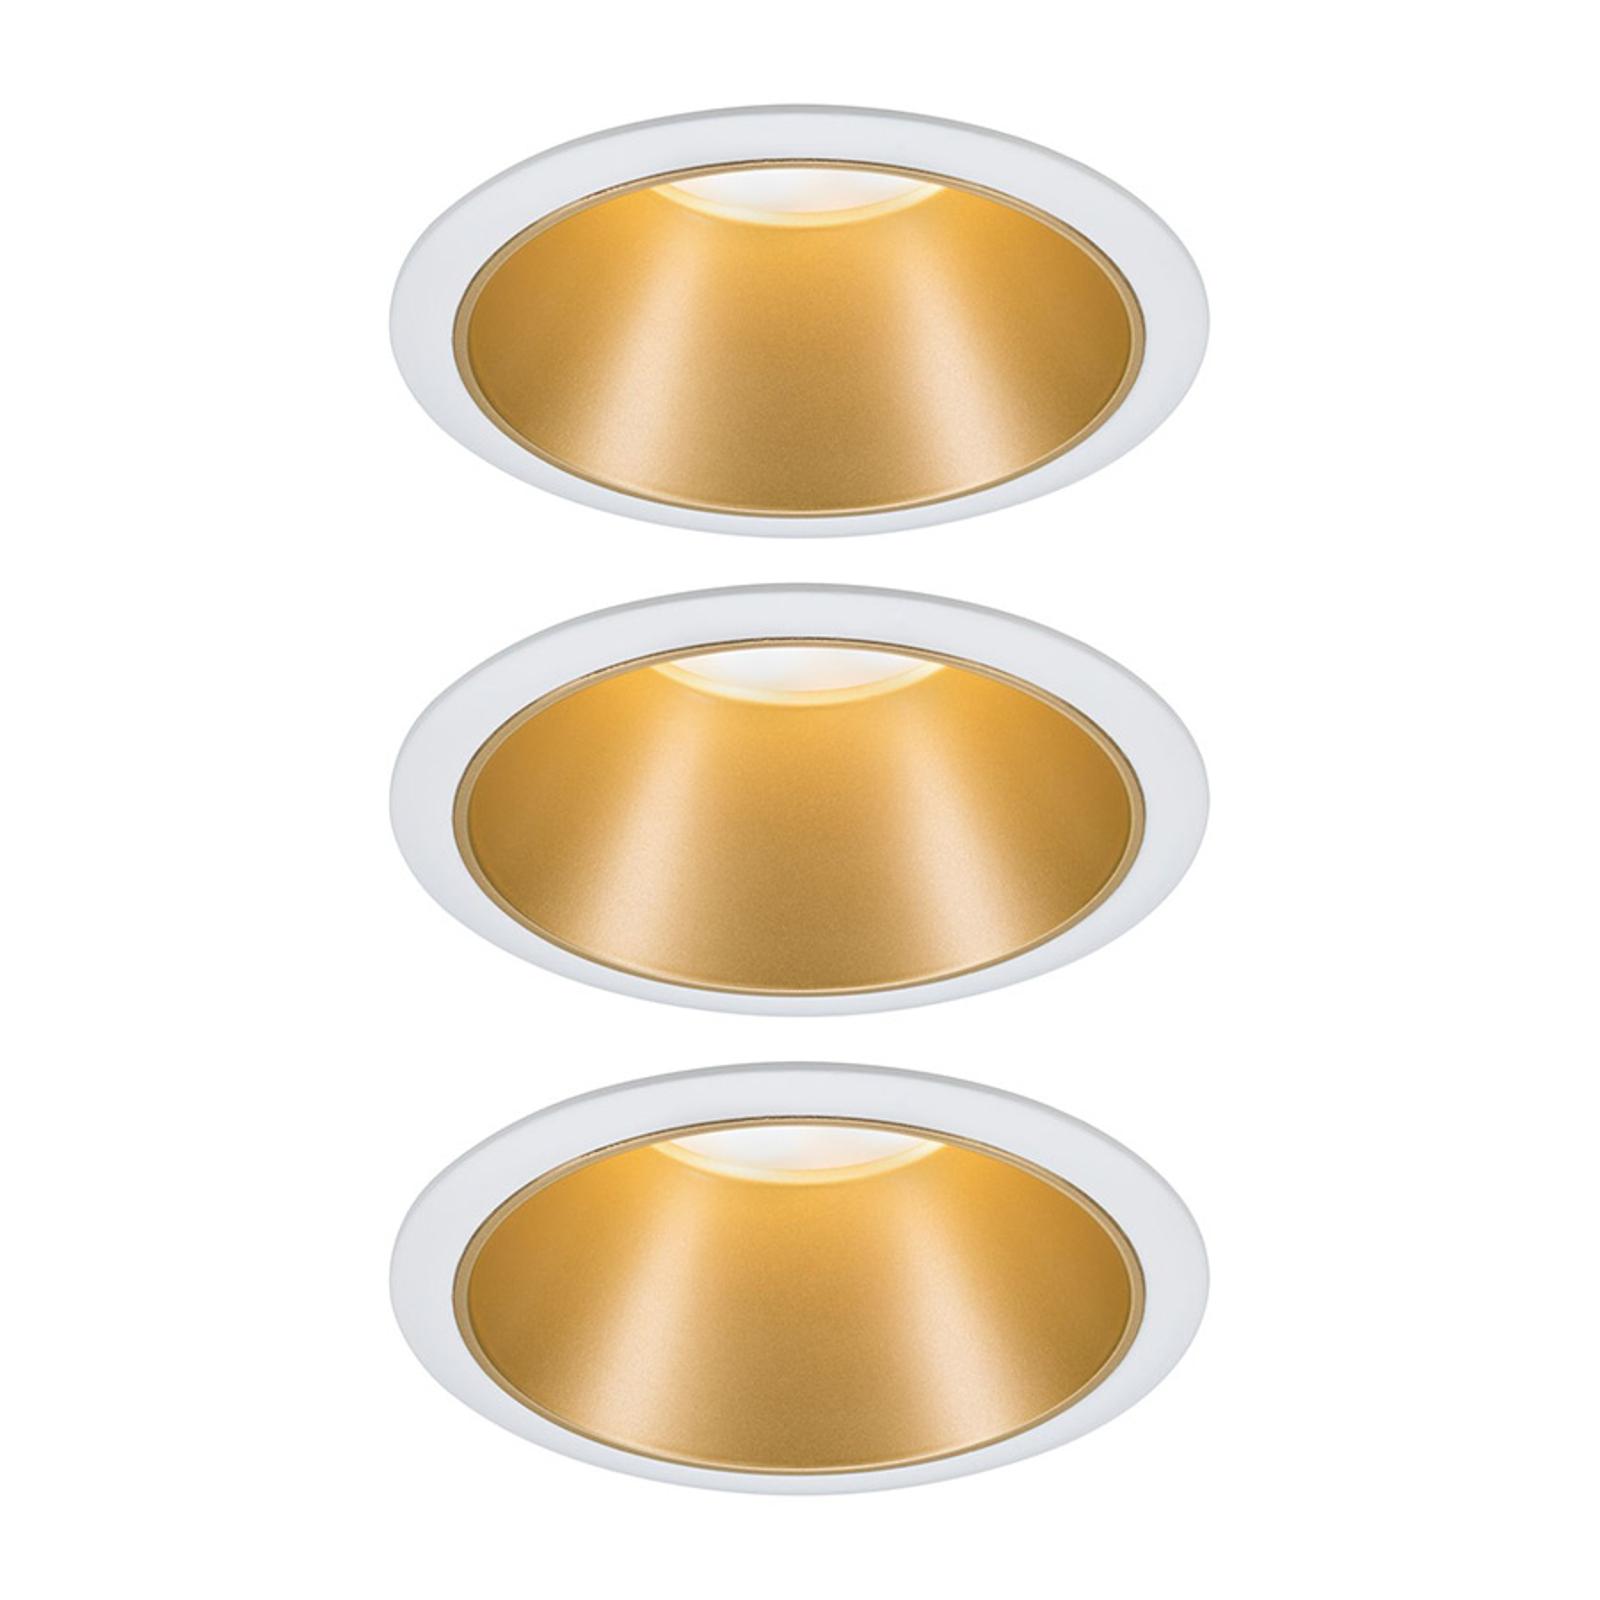 Paulmann Cole LED-spot, guld-hvid, sæt med 3